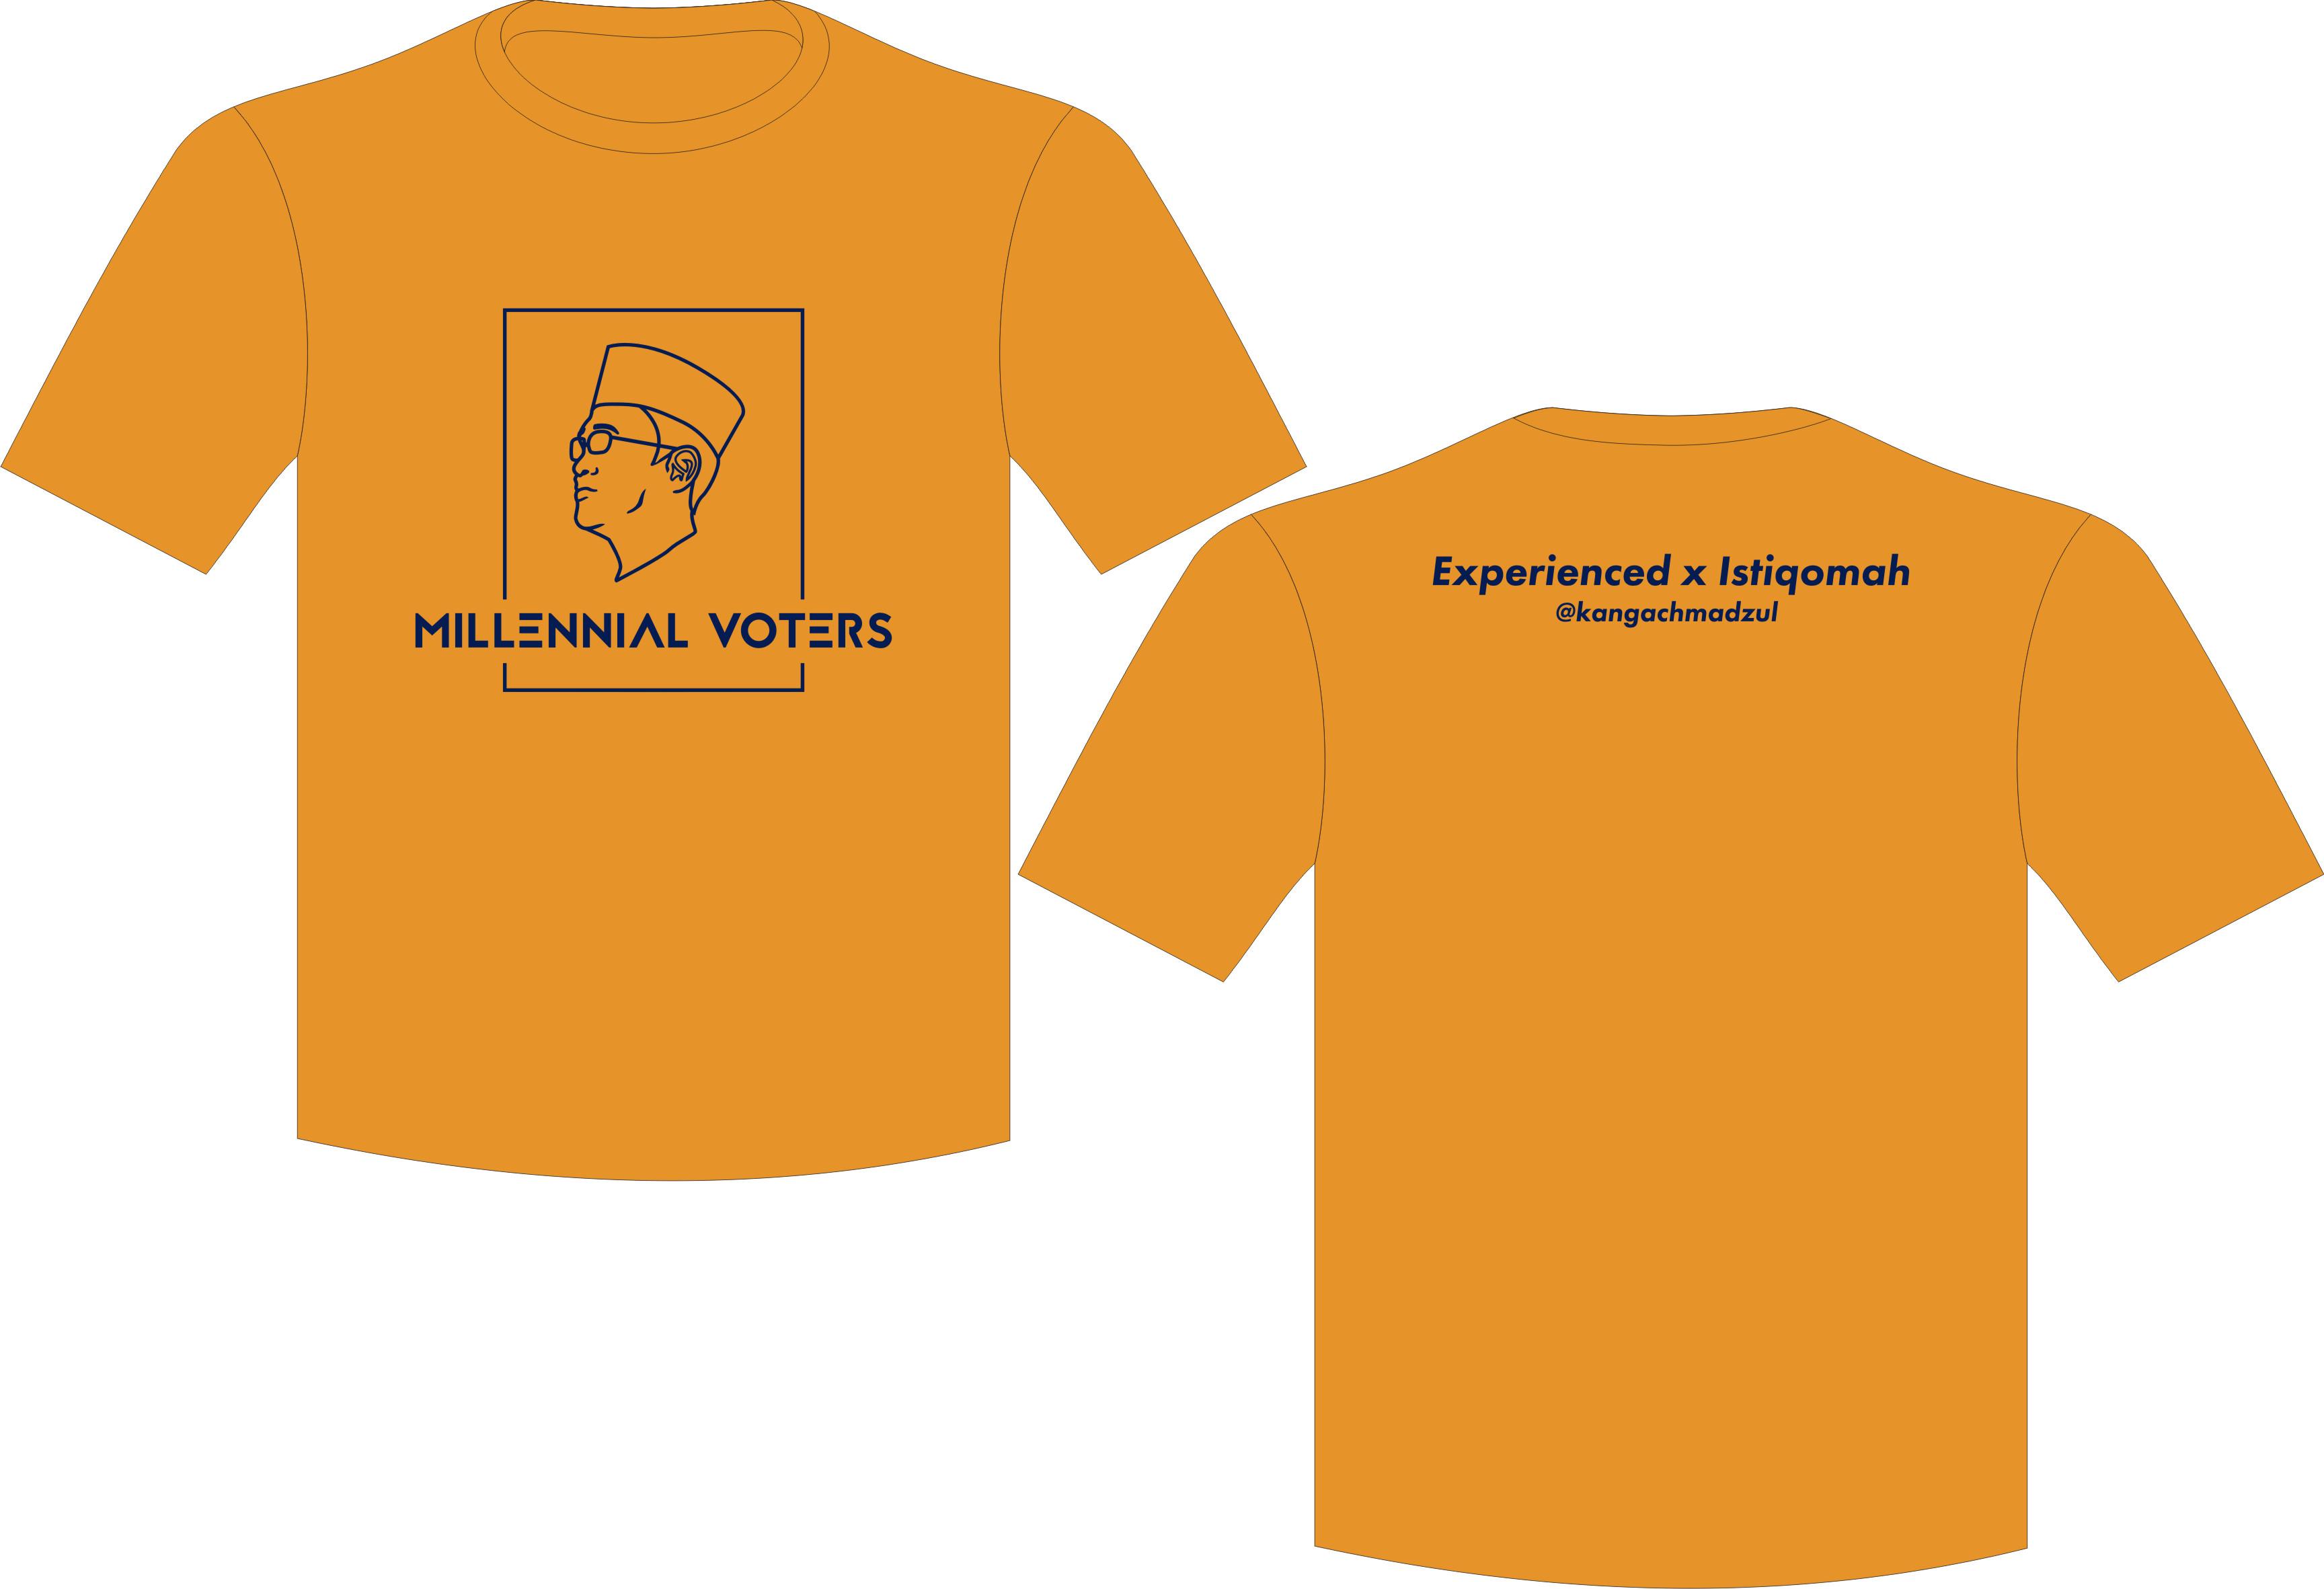 Seragam Kaos Millennial Votters